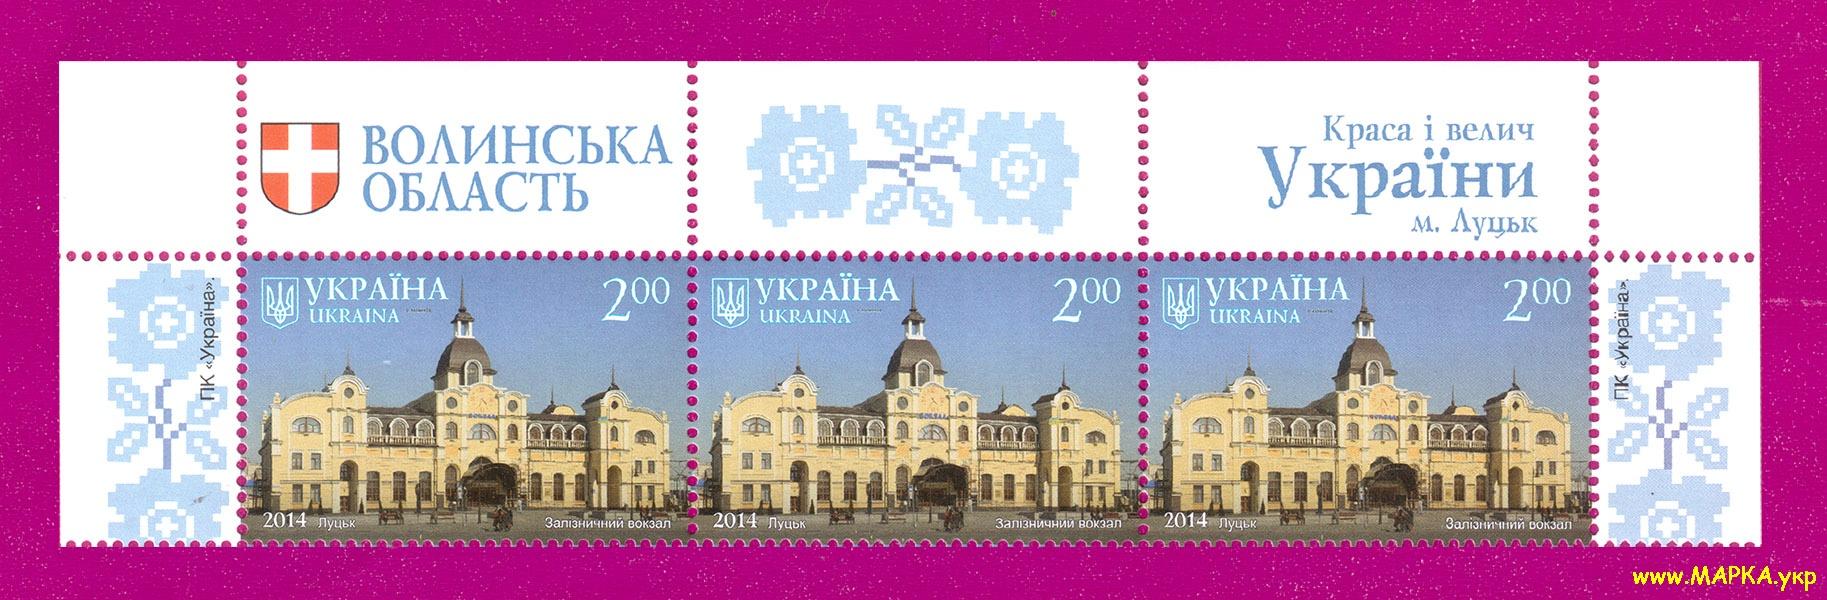 2014 верх листа Луцк Железнодорожный вокзал Украина